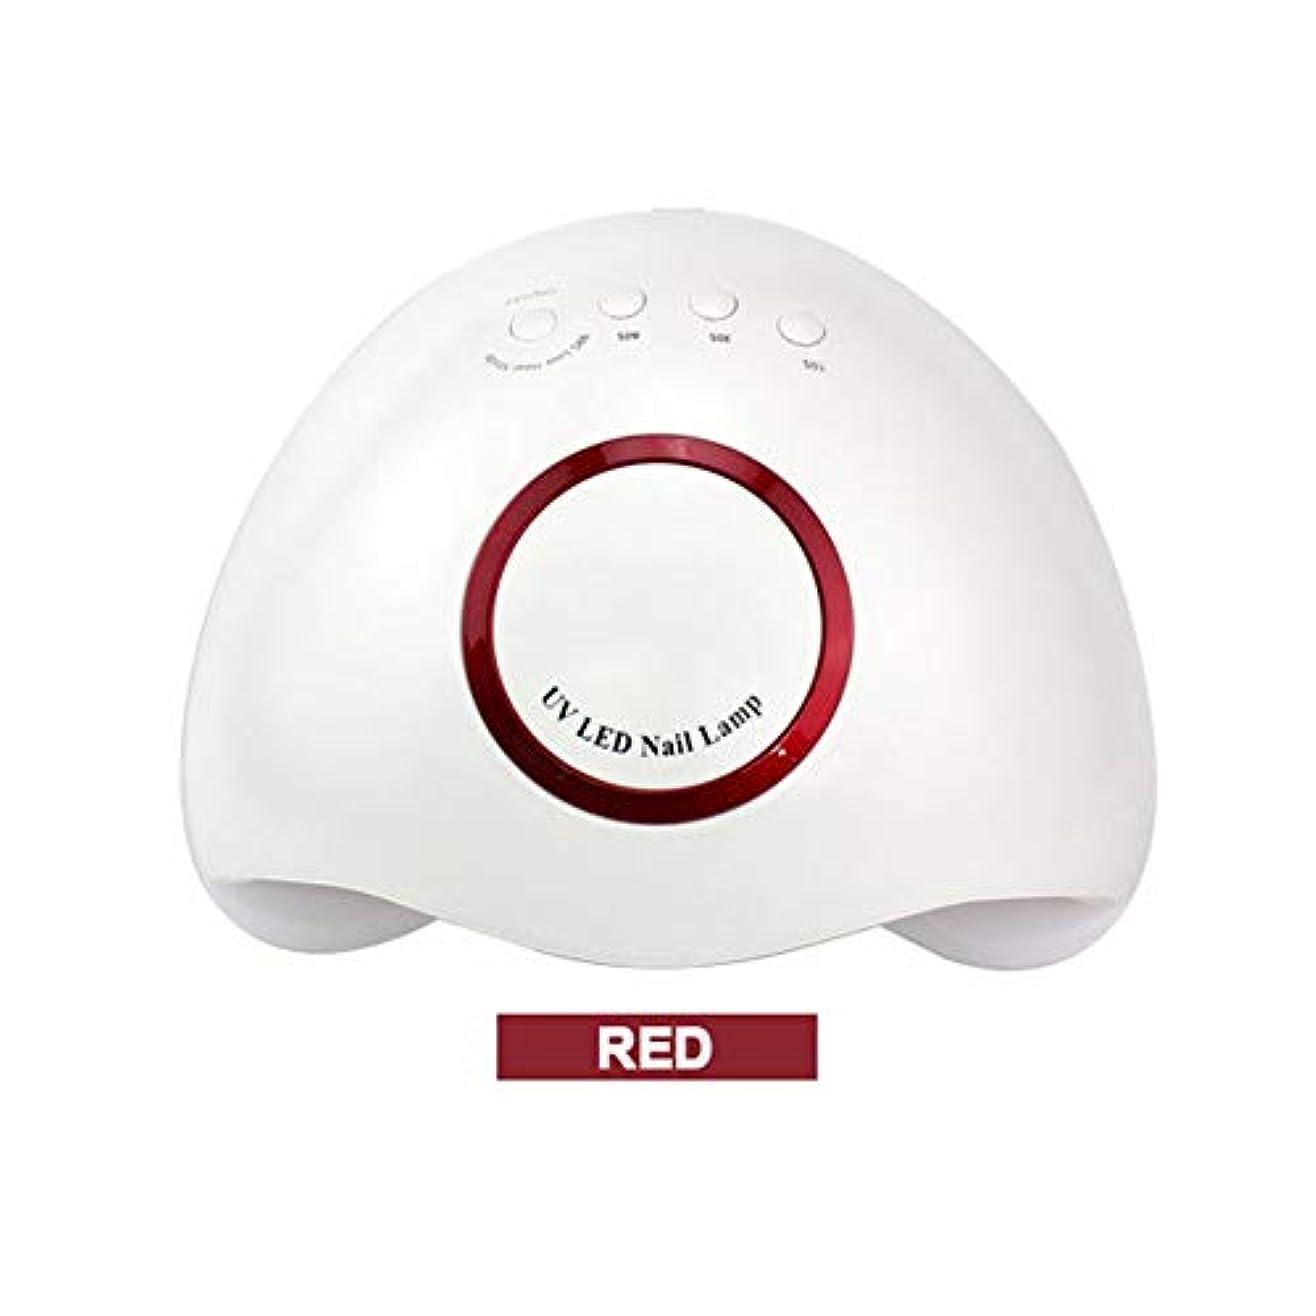 苦情文句昇るファンタジー48W24ランプビーズ第3ギアタイミング無痛モードジェルネイルライトポリッシュ硬化乾燥機,Red